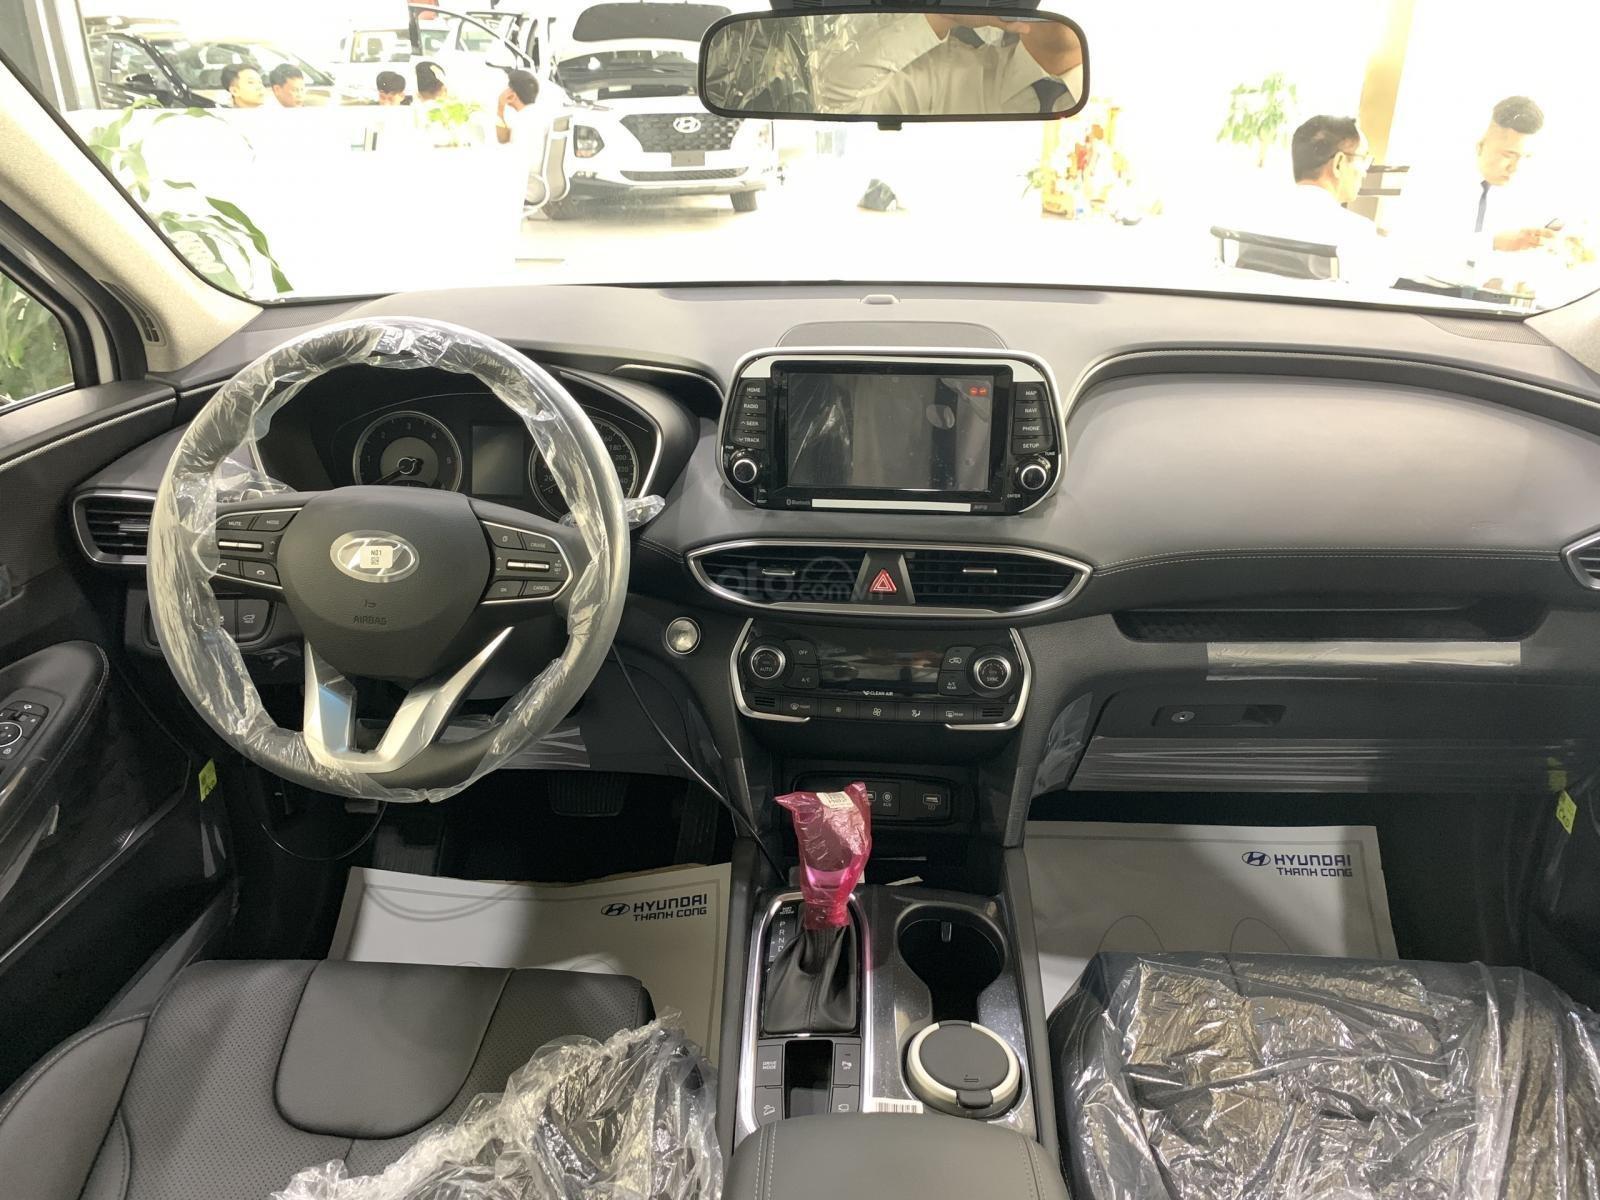 Bán xe Hyundai Santa Fe đời 2019, hỗ trợ mua trả góp lên tới 85% giá trị xe, có xe giao ngay. LH ngay 086.24.42.688 (5)